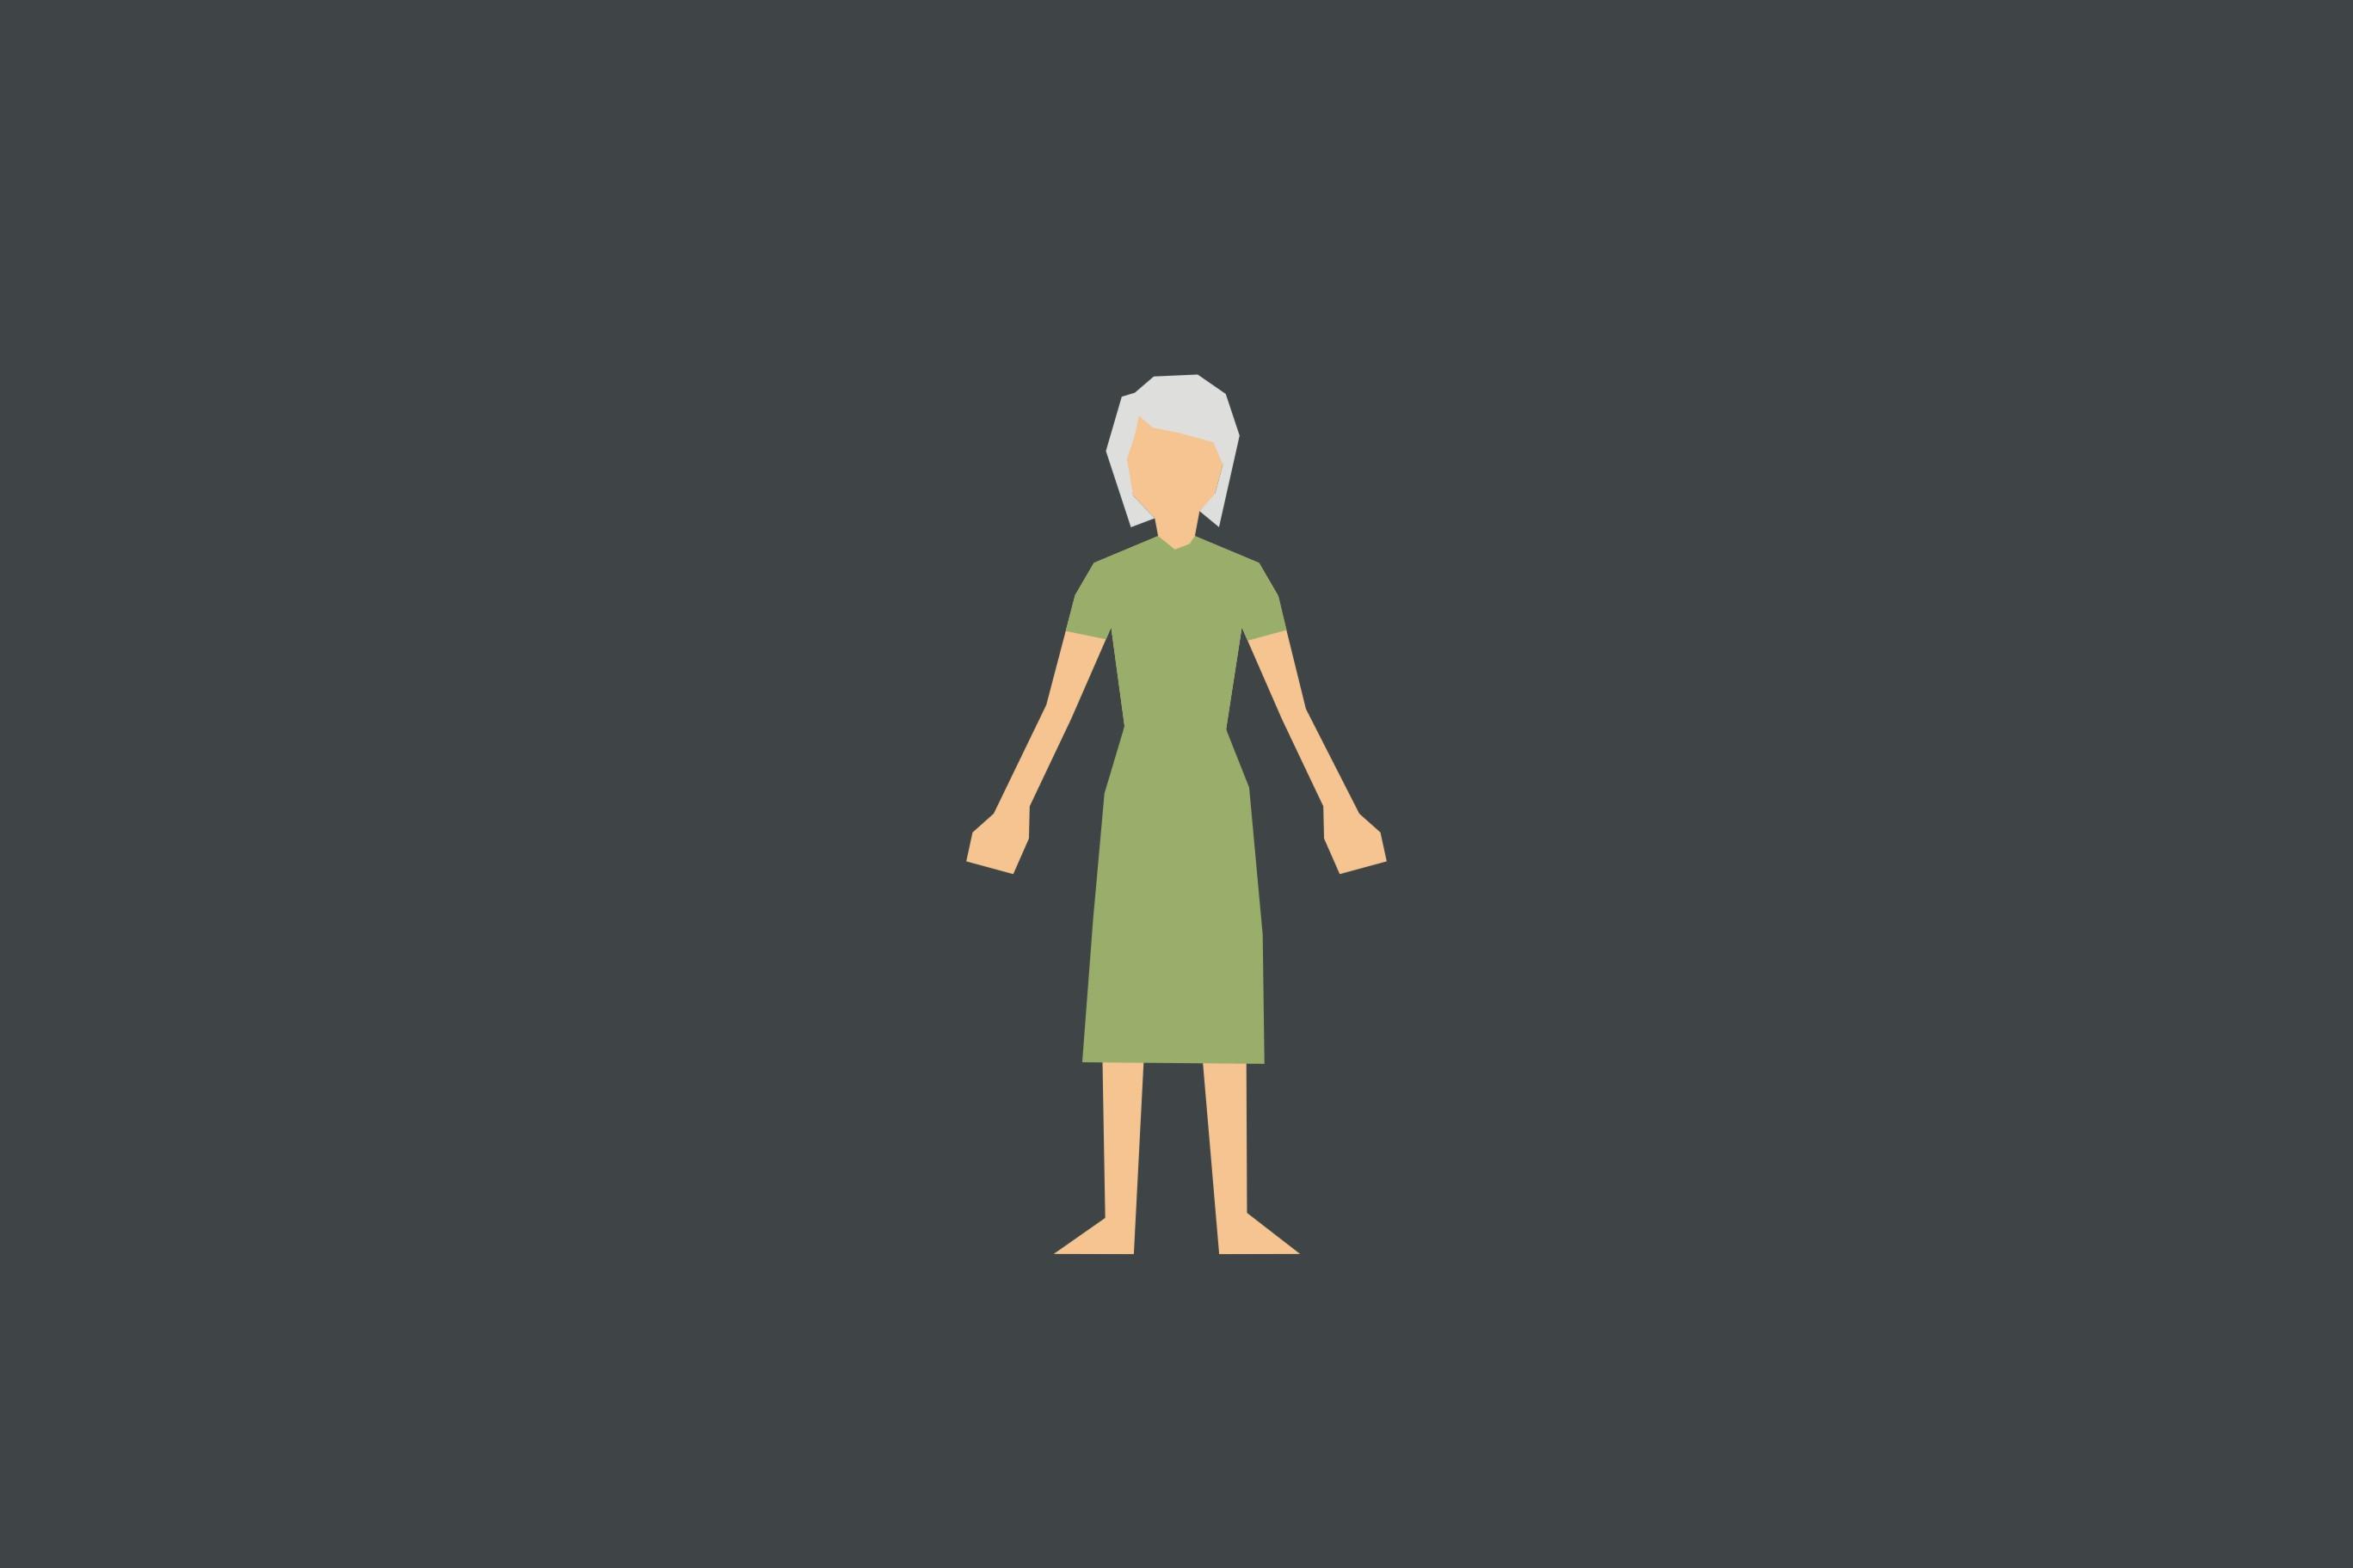 Nenek renta ini dituduh mencuri di lahannya sendiri, duh kasian!